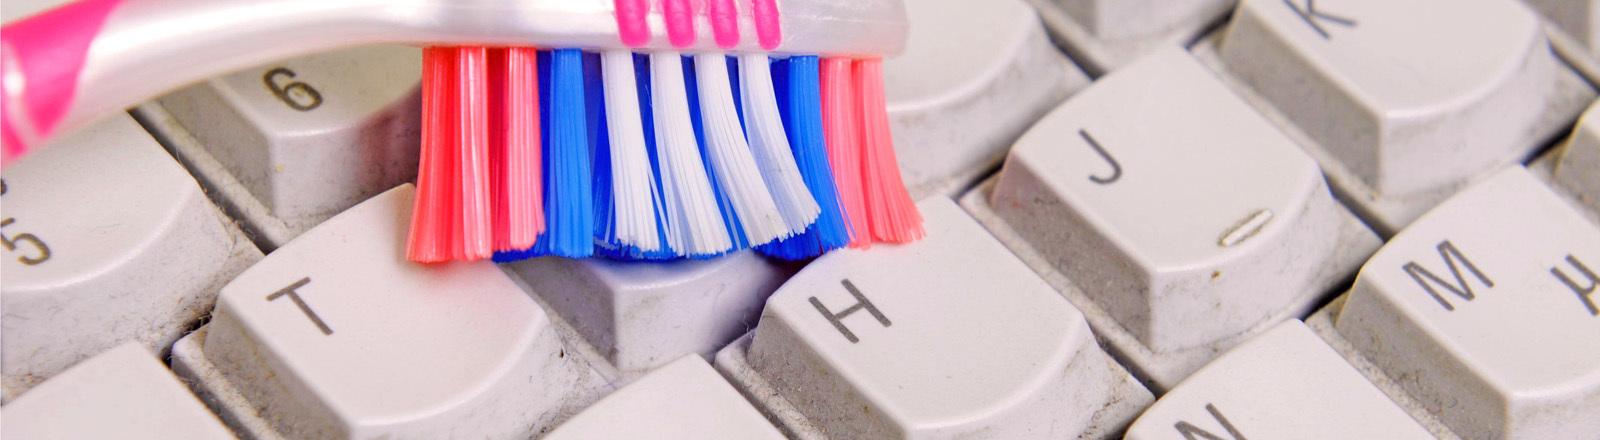 Zahnürste putzt Tastatur